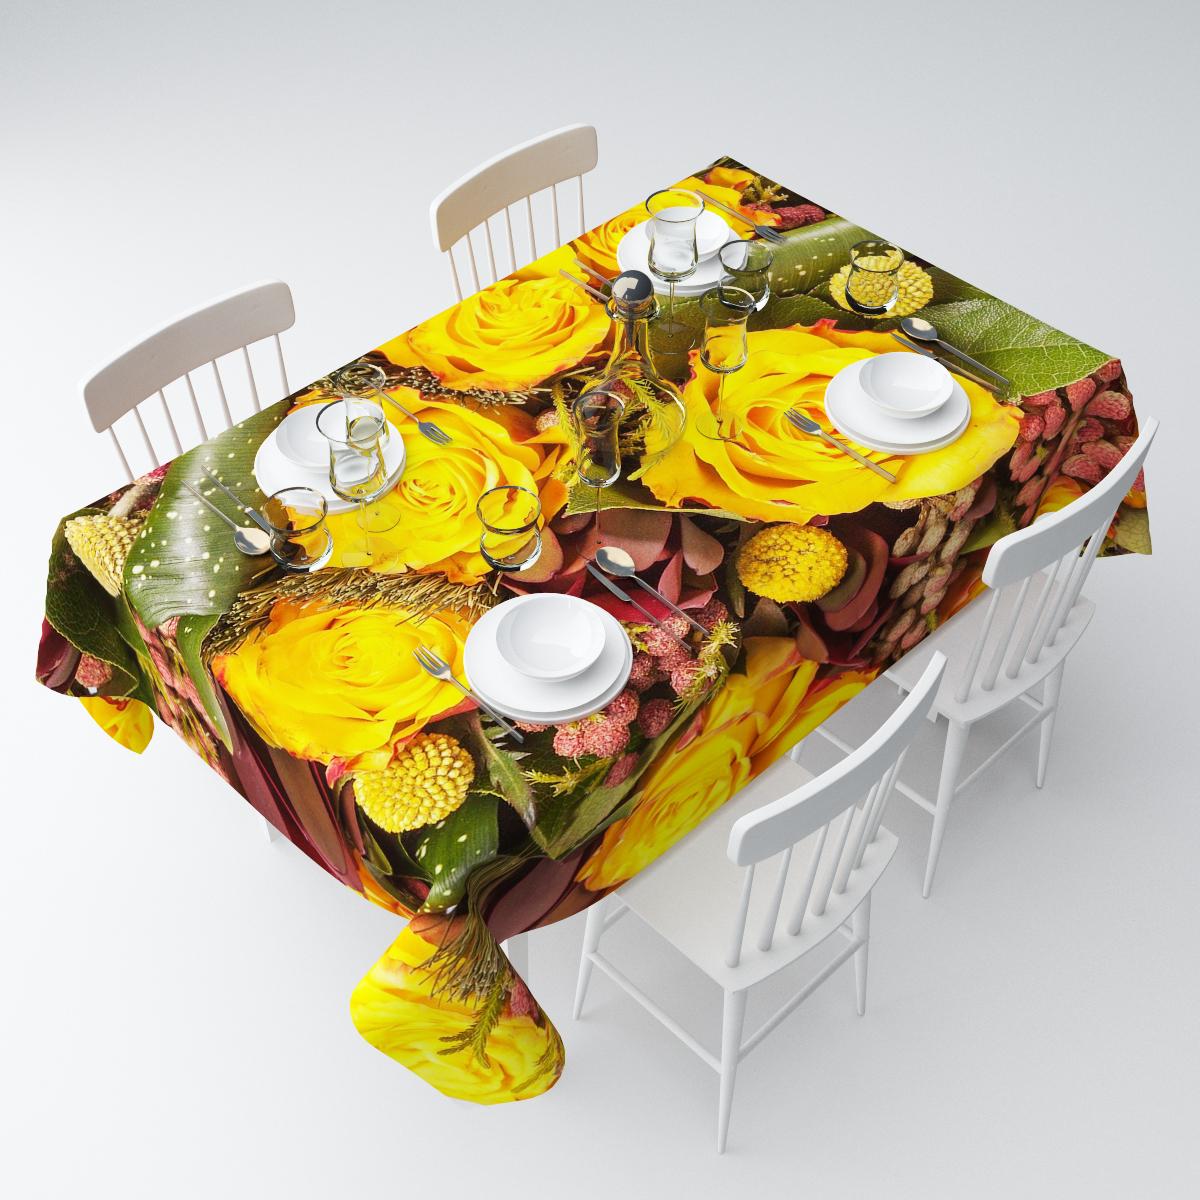 Скатерть Сирень Желтые розы с личи, прямоугольная, 145 х 220 смСКГБ004-04423Прямоугольная скатерть Сирень Желтые розы с личи, выполненная из габардина с ярким рисунком, преобразит вашу кухню, визуально расширит пространство, создаст атмосферу радости и комфорта. Рекомендации по уходу: стирка при 30 градусах, гладить при температуре до 110 градусов.Размер скатерти: 145 х 220 см. Изображение может немного отличаться от реального.